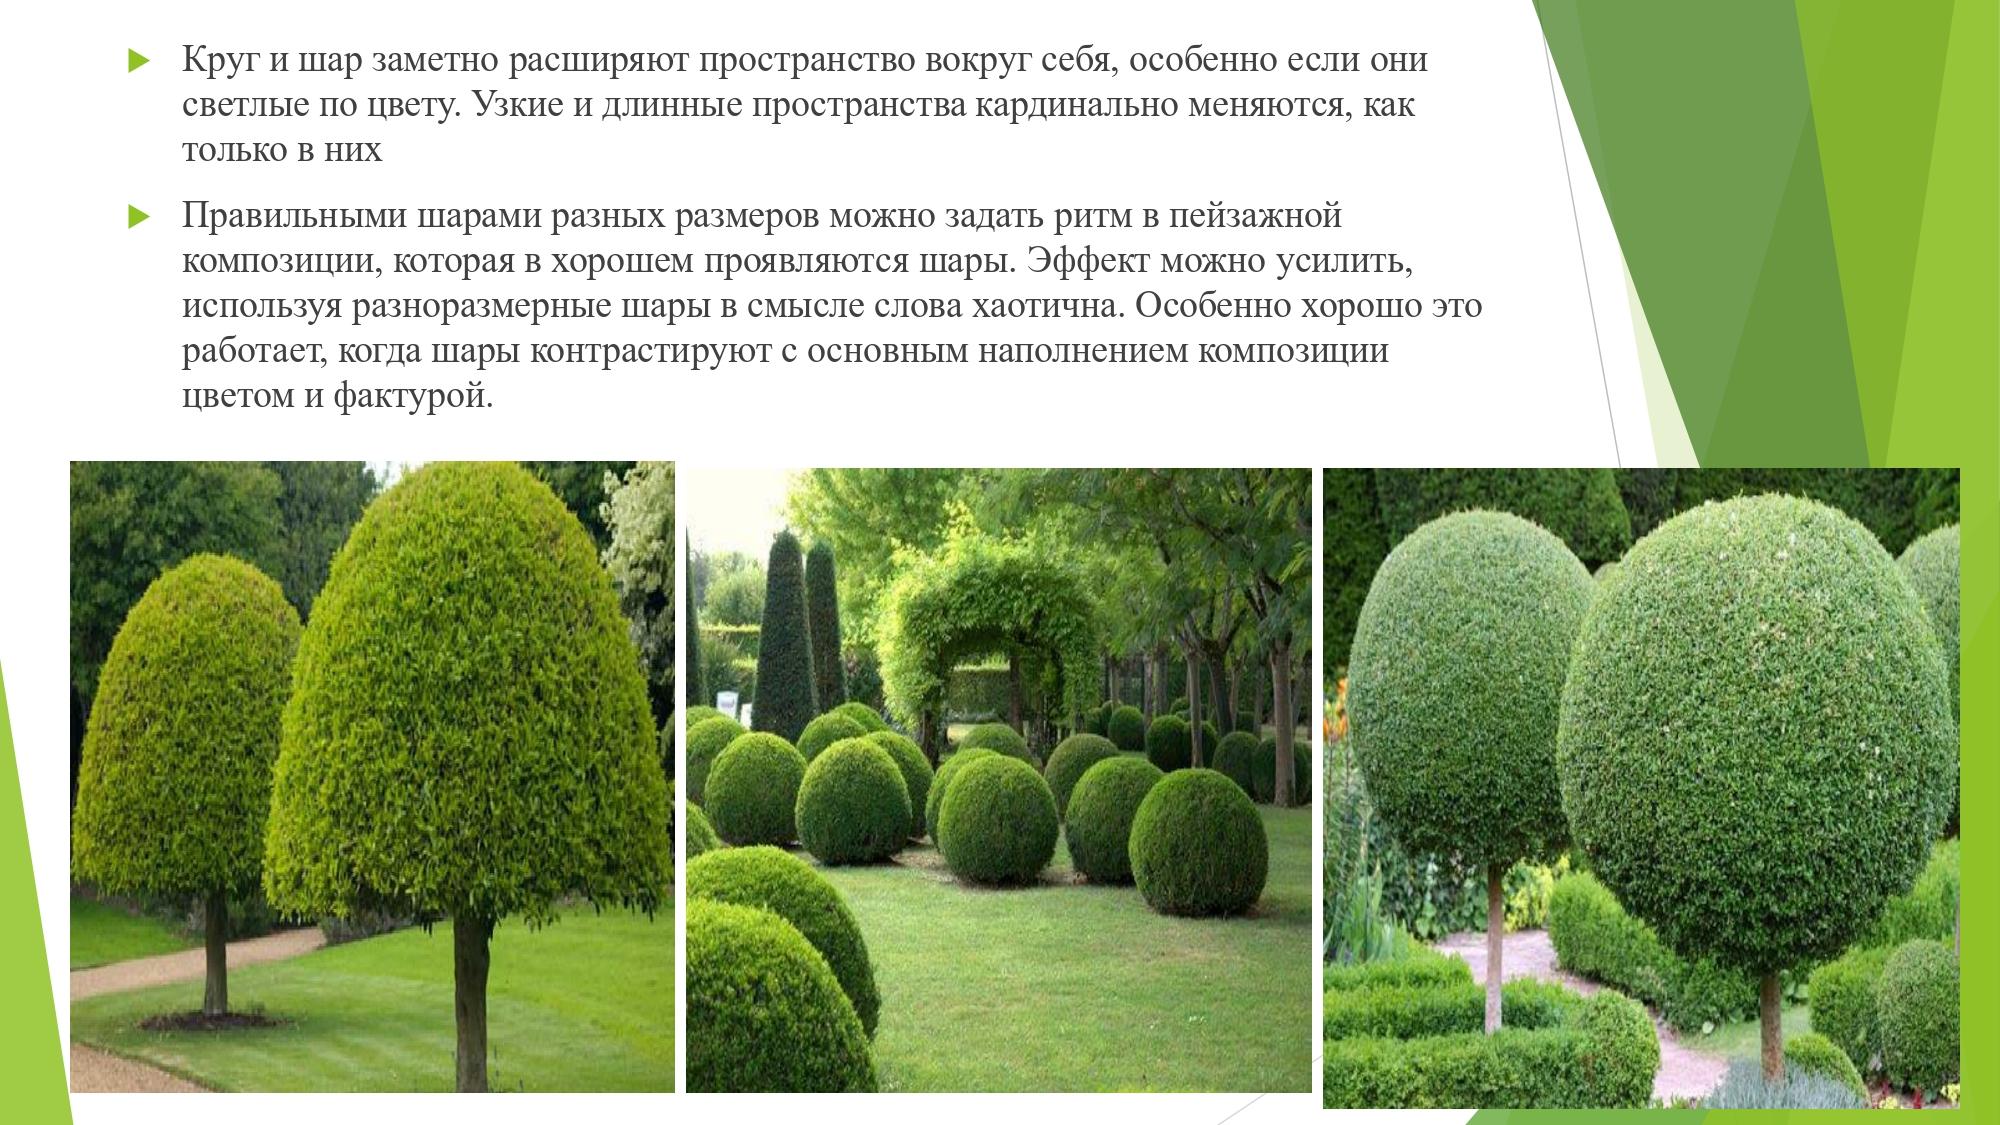 декорат.раст_page-0005